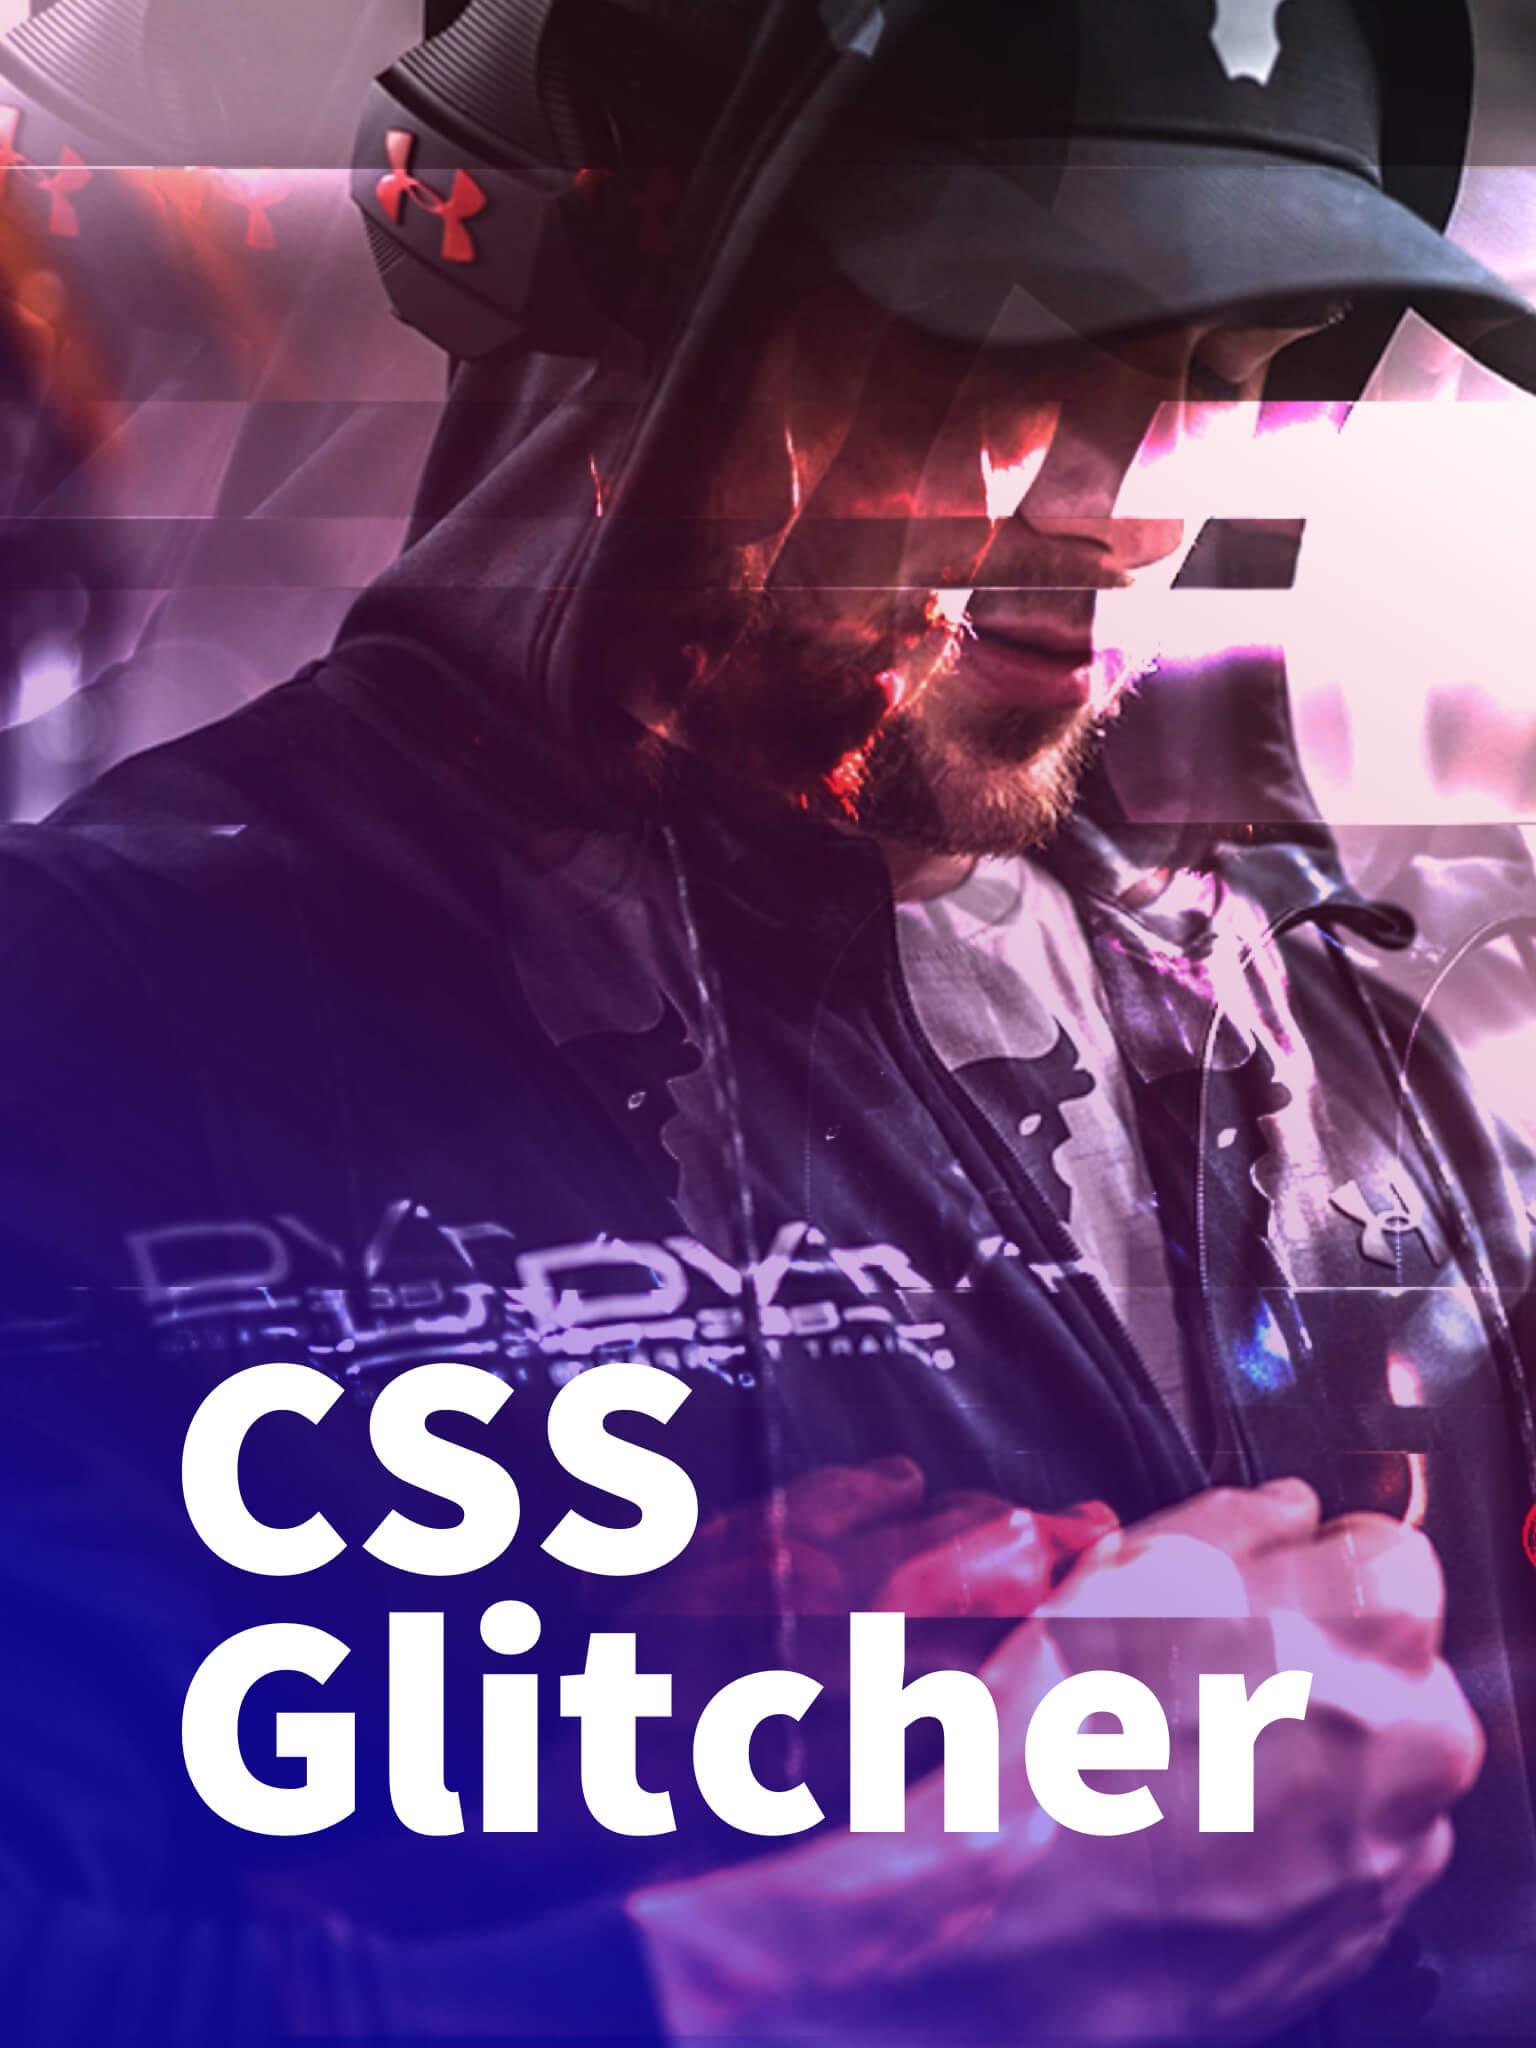 CSS Glitcher